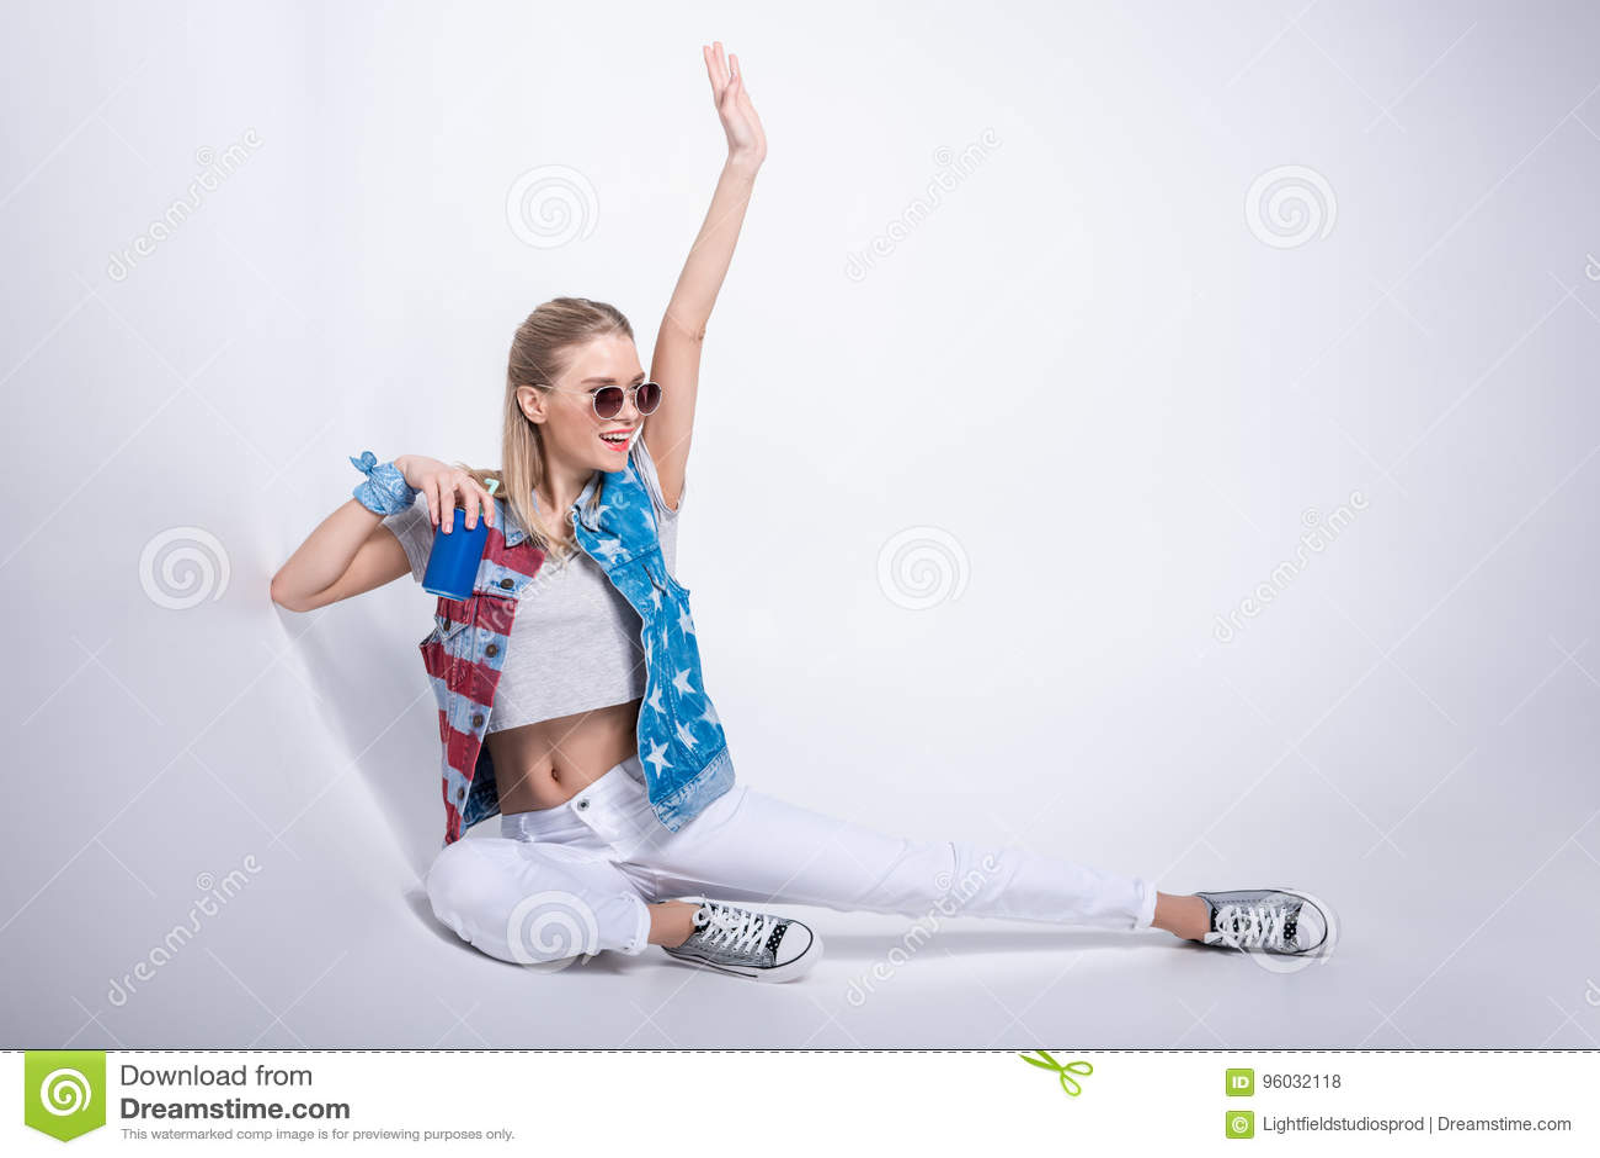 Dziewczyna jest ubranym drelichową kamizelkę z i pije sodę od aluminiowej puszki w okularach przeciwsłonecznych gwiazdami i lampa